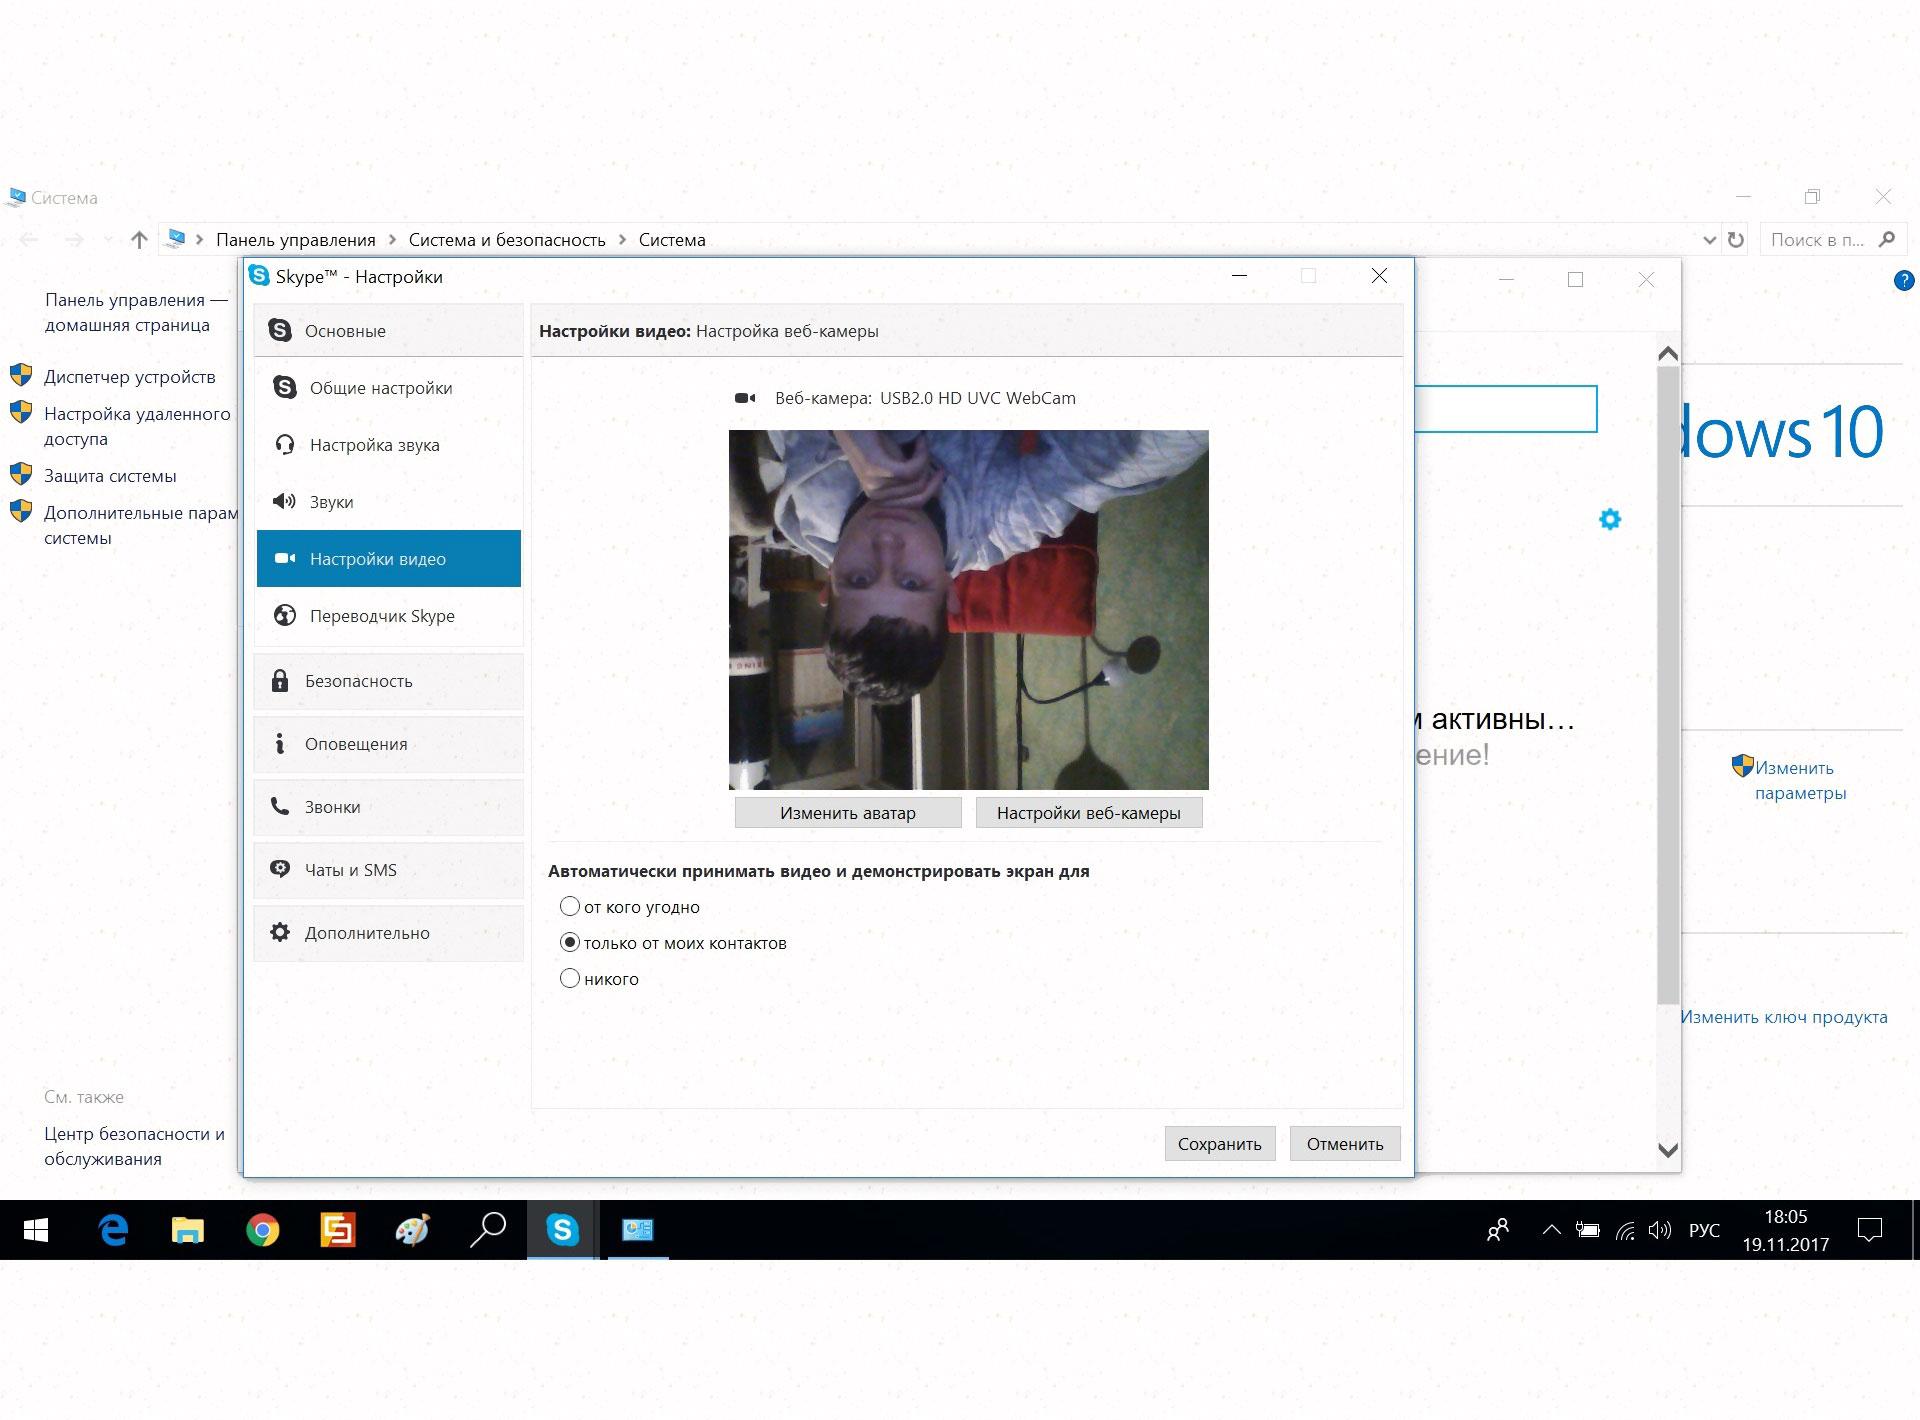 скайп, инструменты, настройки, настройки видео